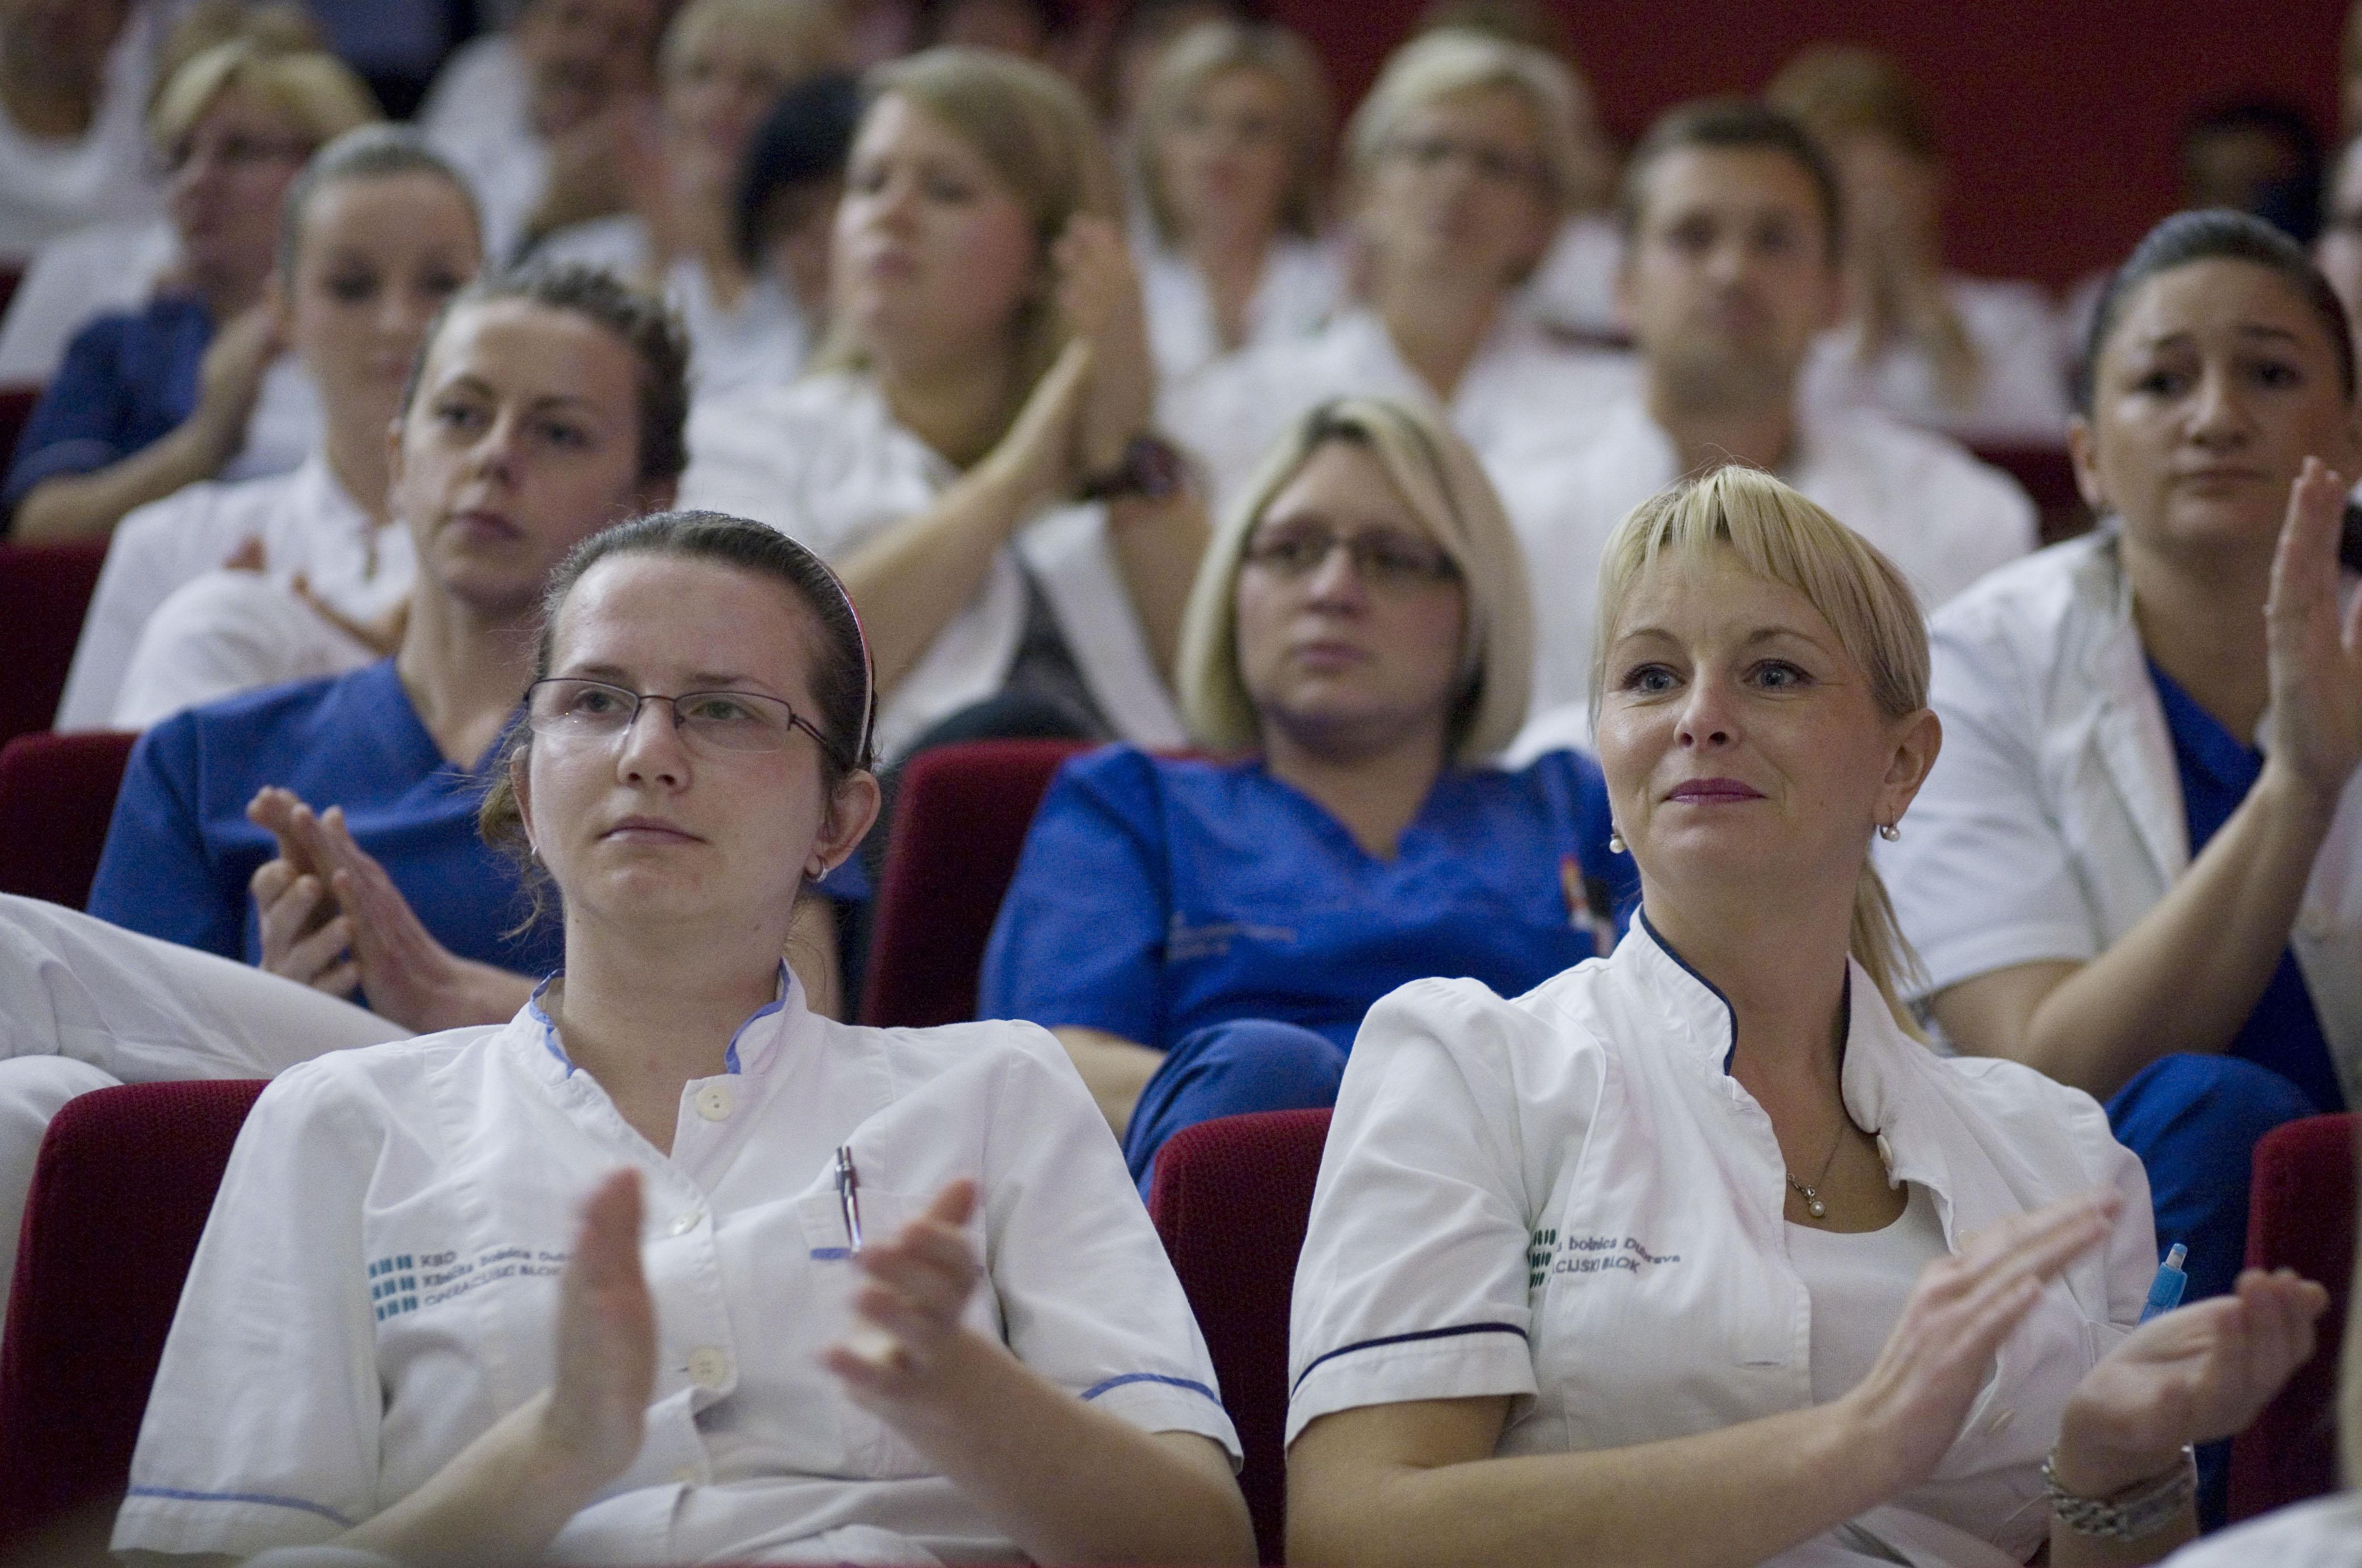 Sindikat liječnika traži što hitnije priznavanje reprezentativnosti